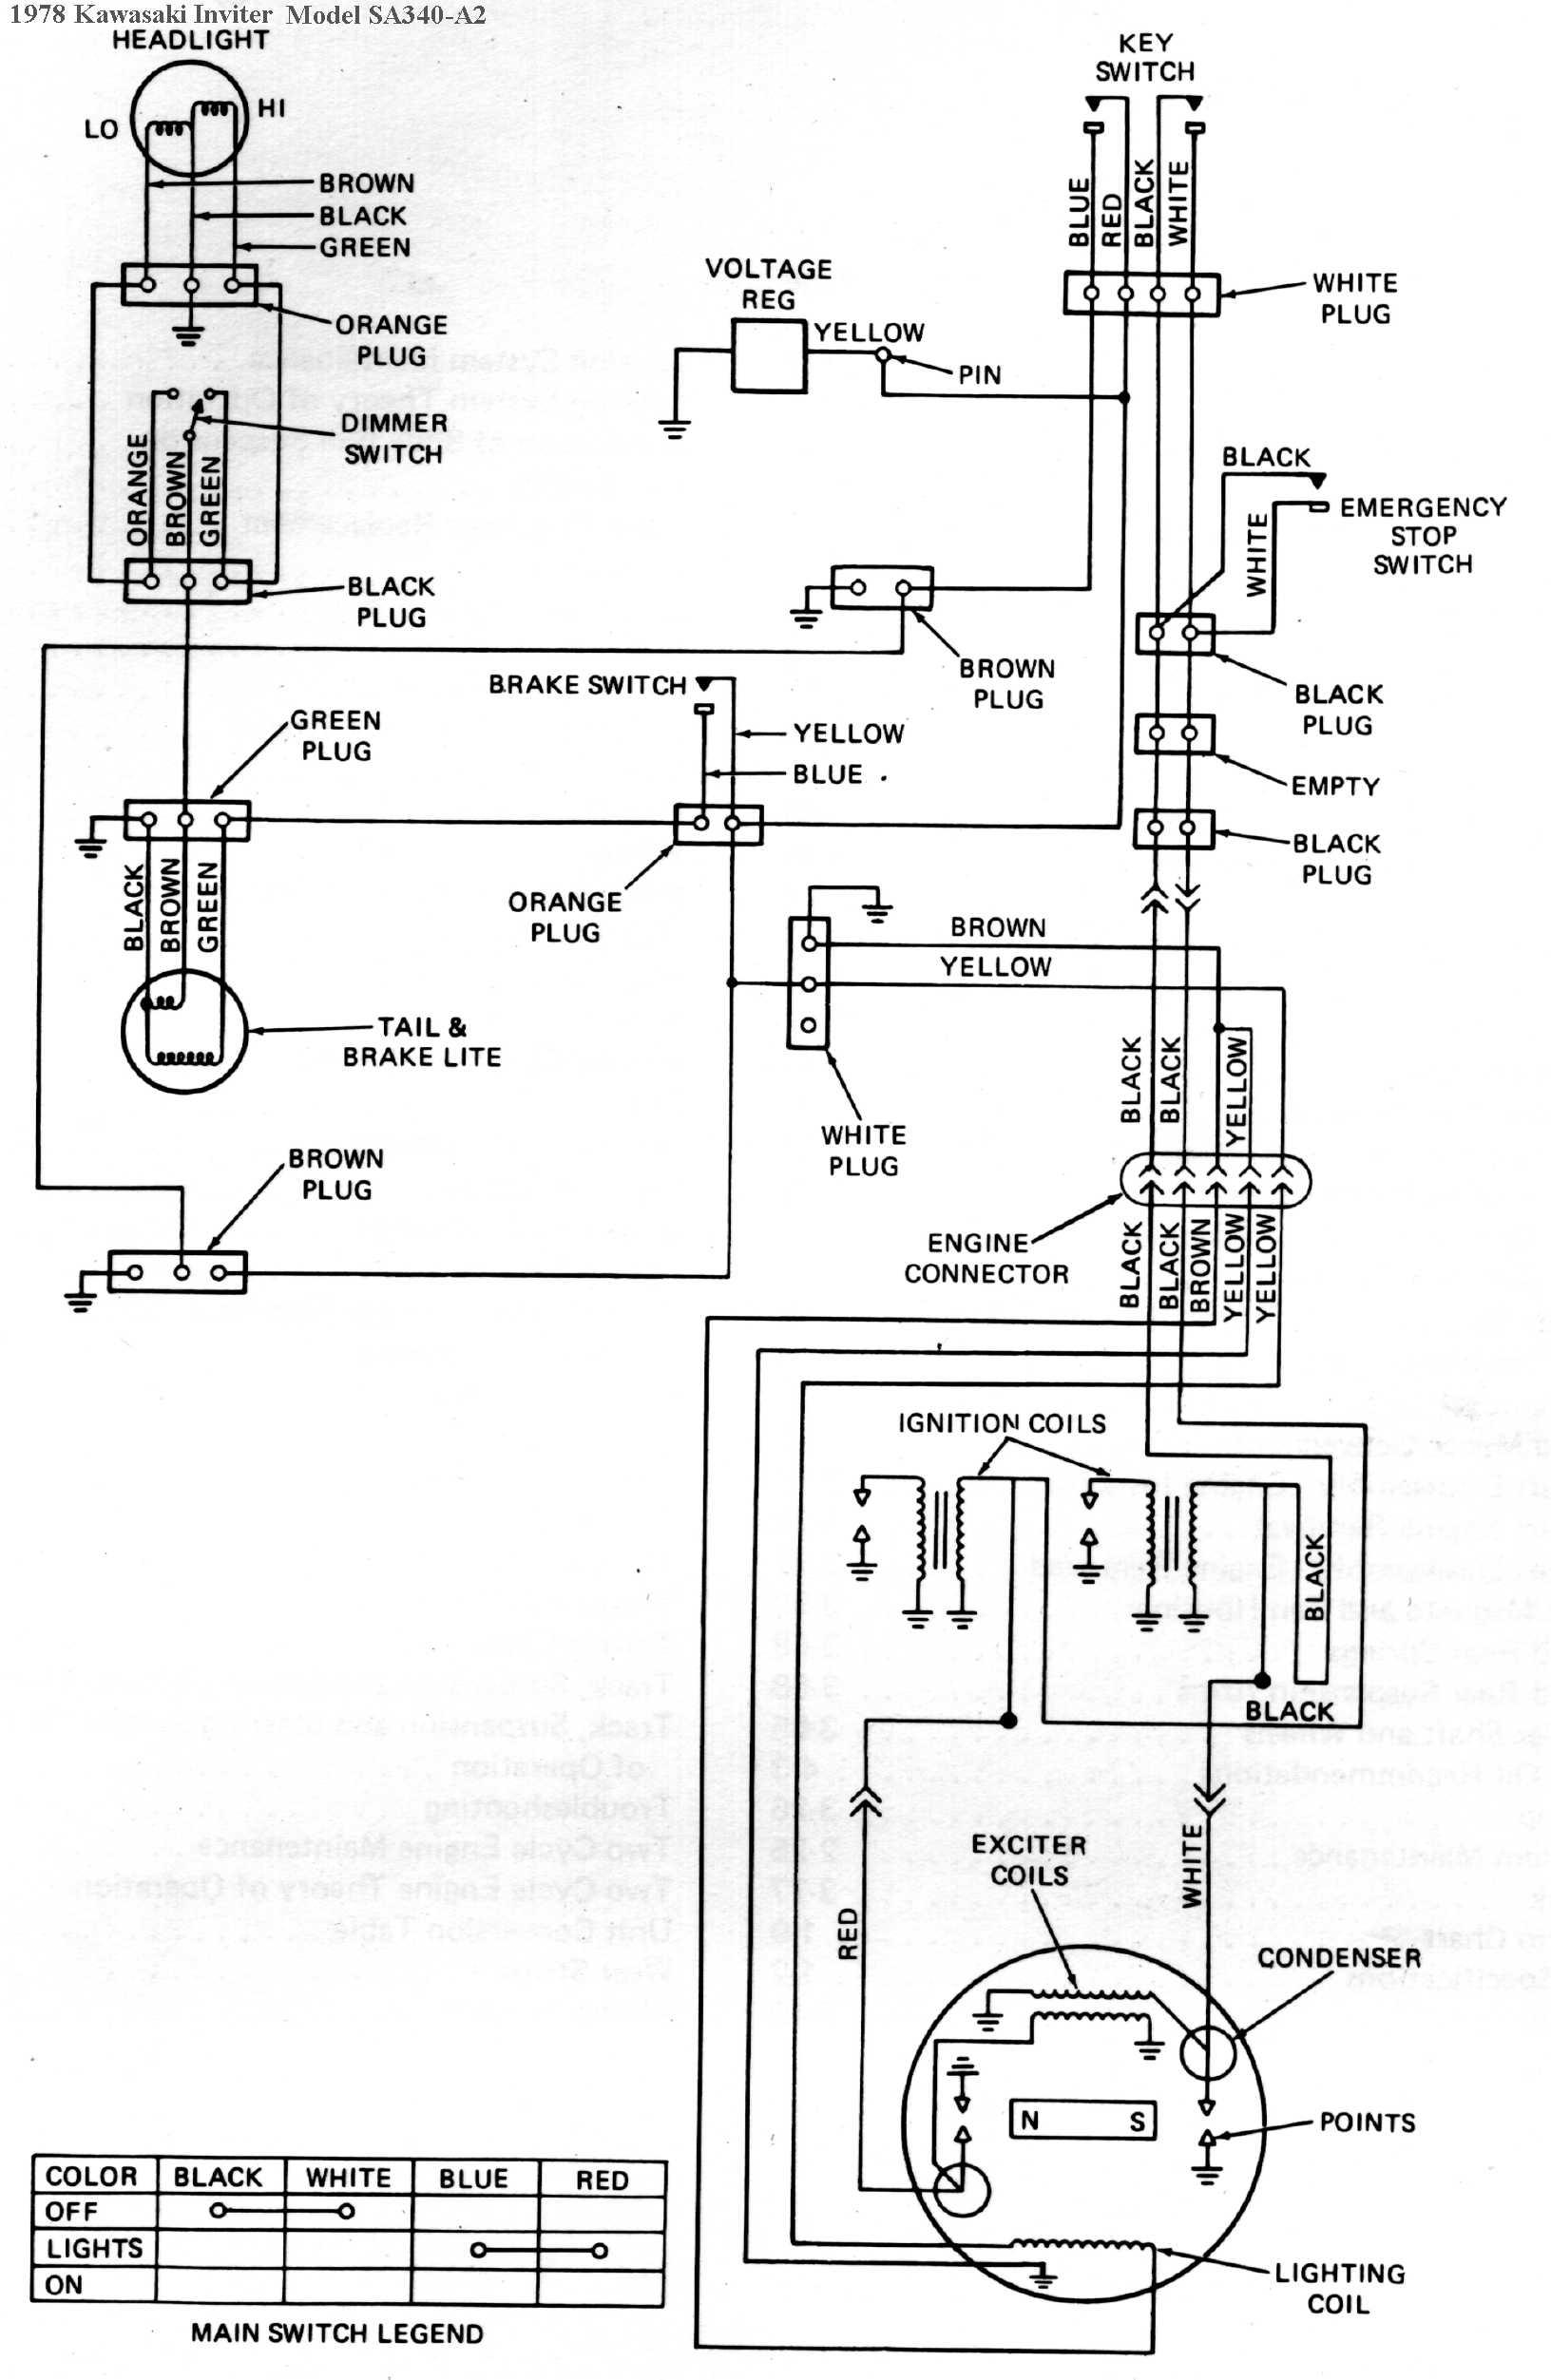 Kawasaki Bayou 185 Wiring Diagram